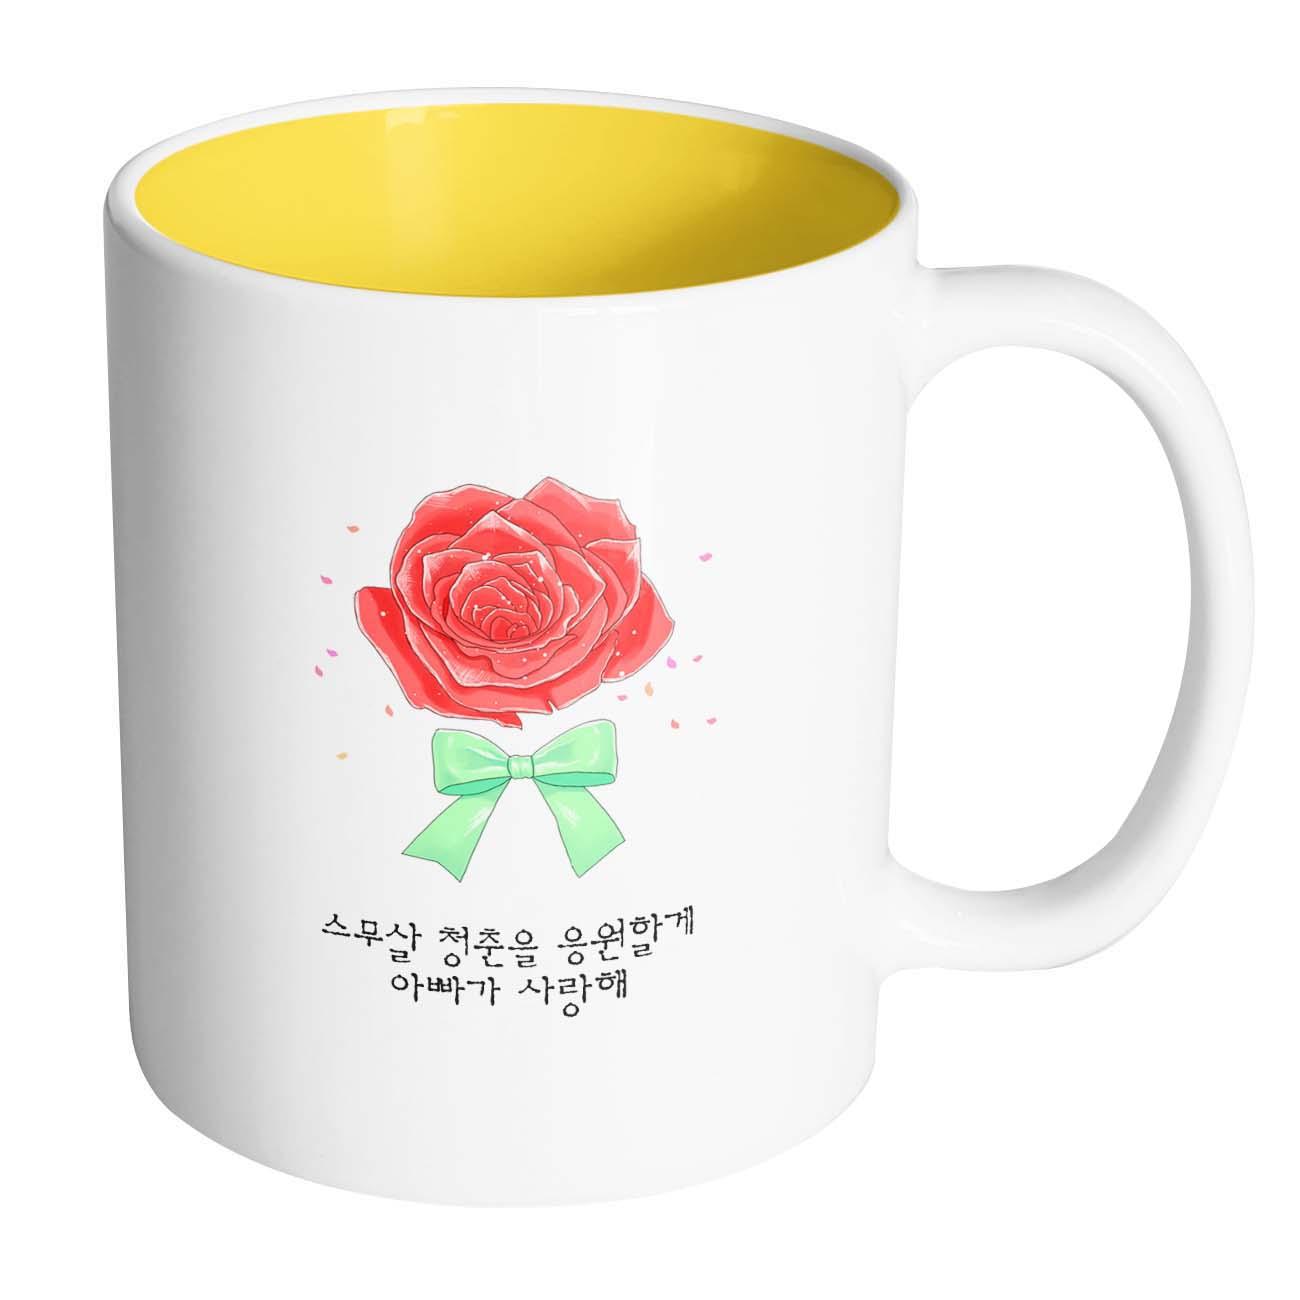 핸드팩토리 장미꽃성년의날 스무살 청춘을 응원할게 아빠가 사랑해 머그컵, 내부 옐로우, 1개